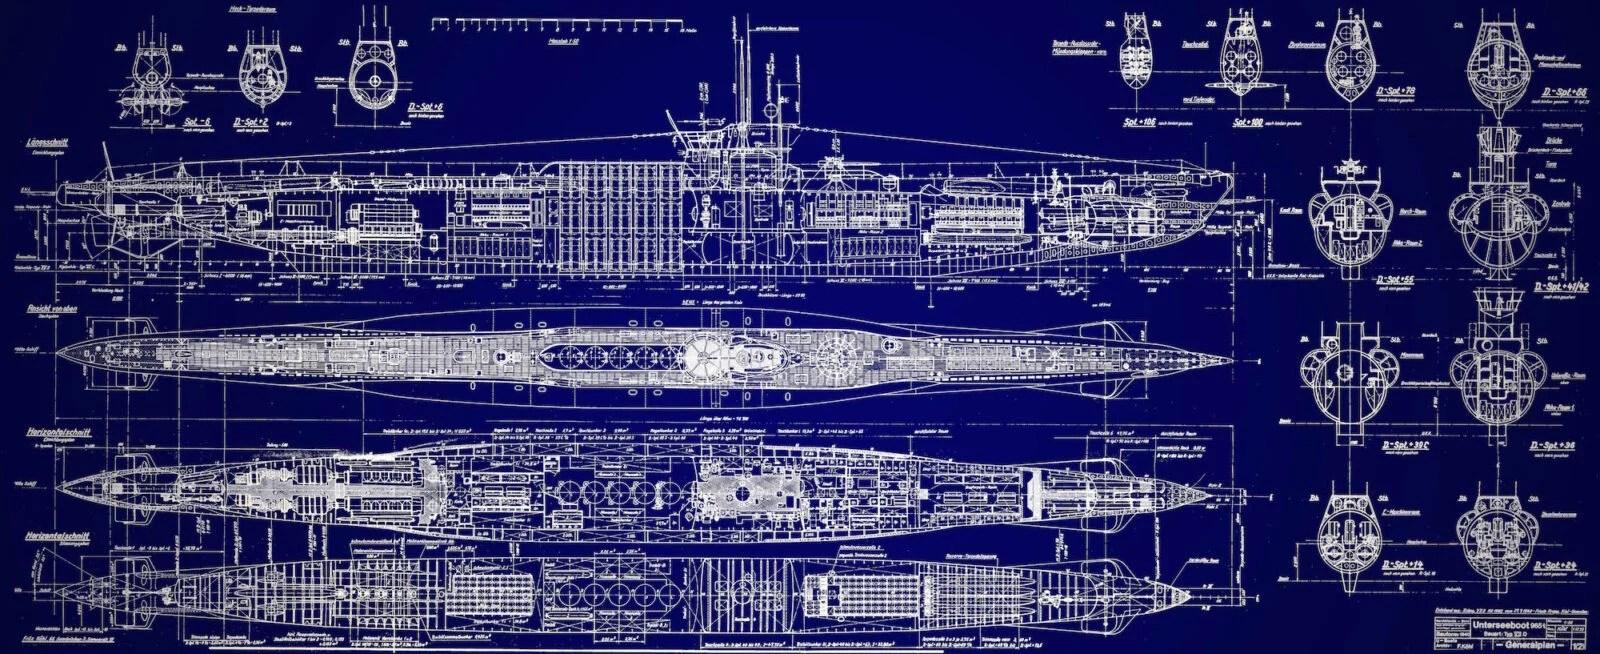 U Boat Blueprints